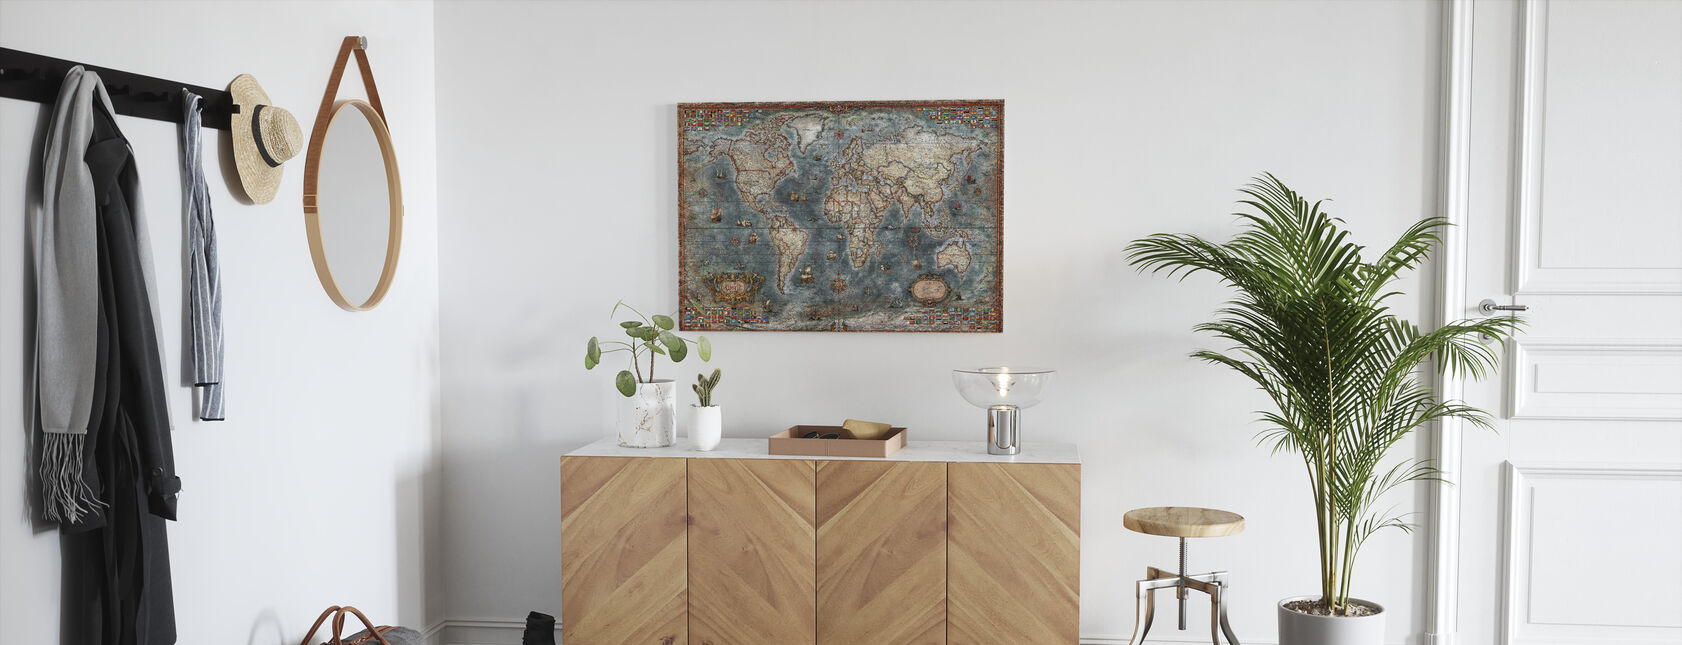 Gammel stil verdenskort - Billede på lærred - Entré